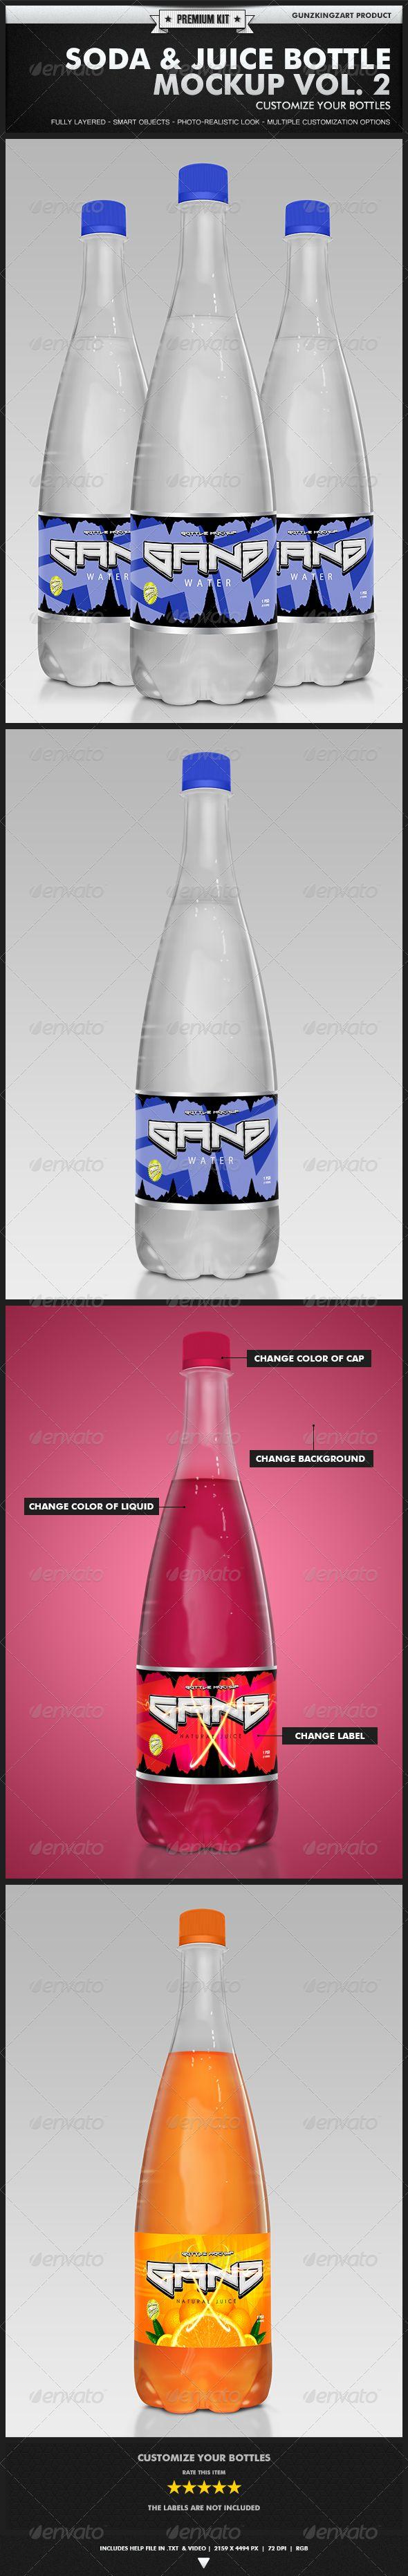 Soda & Juice Bottle Mockup Vol. 2 - Premium Kit